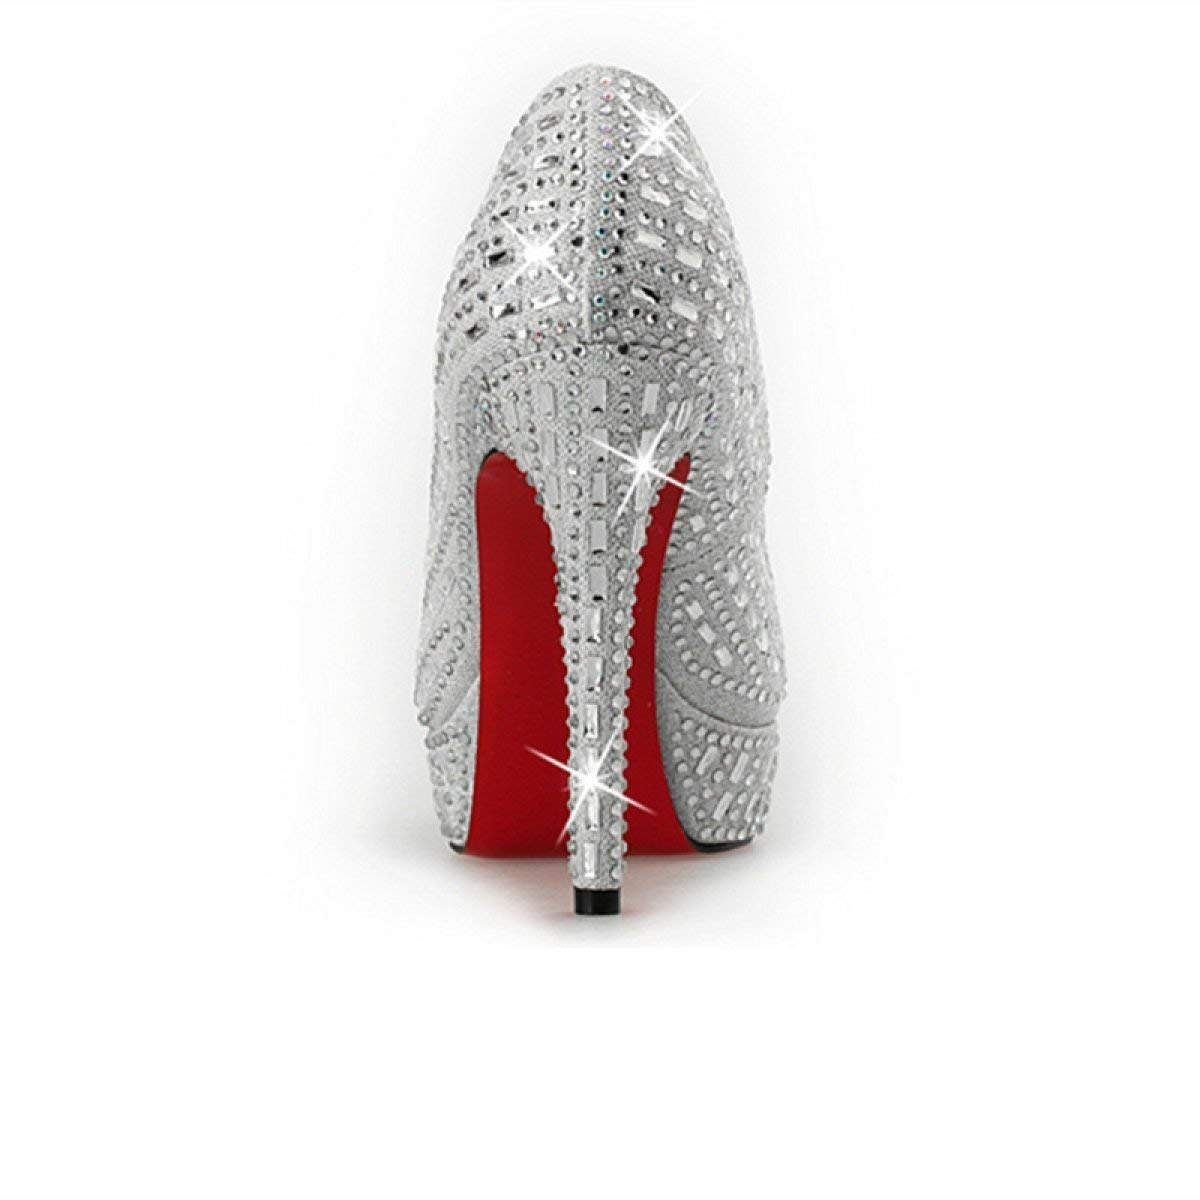 Eeayyygch Chaussures de Mariage de mariée Talons Hauts en Cristal Banquet imperméable Chaussures de Banquet Cristal Pointu (coloré : SilverWhite12cm, Taille : 37)B07JFK24JP37 SilverBlanc 12cm 2a319f